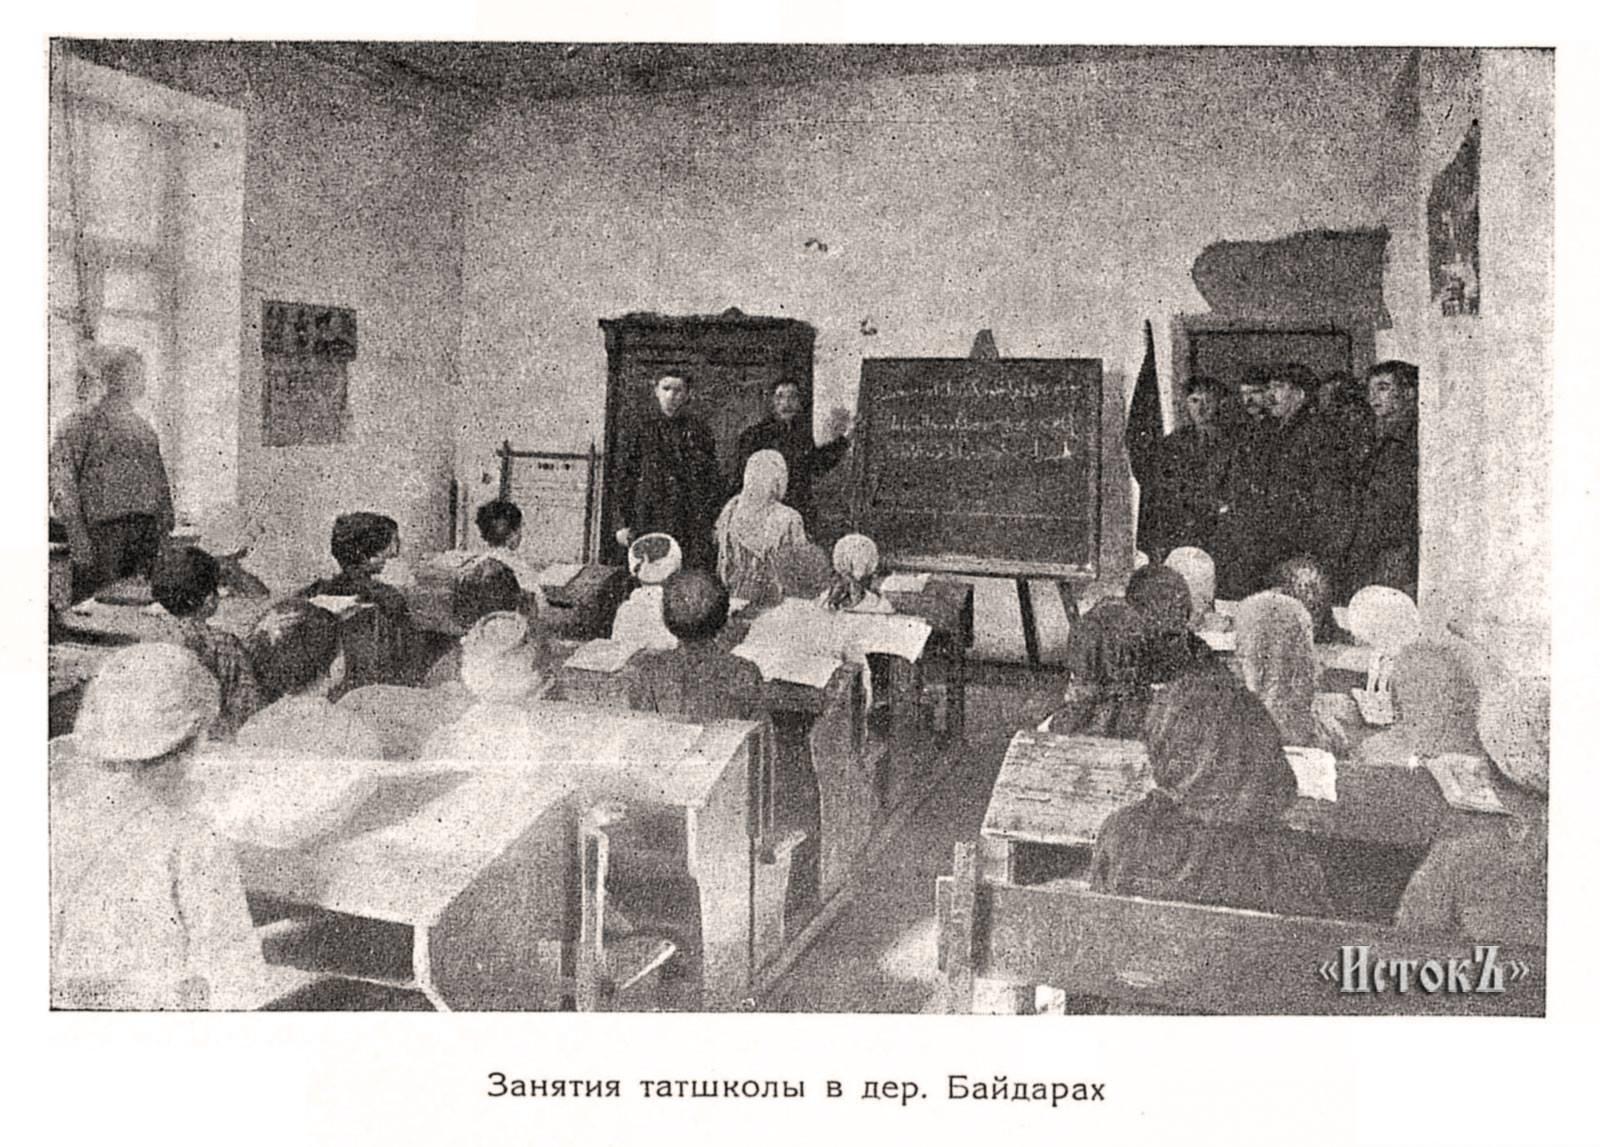 Занятия в татарской школе в деревне Байдар. 1924-1925 гг.